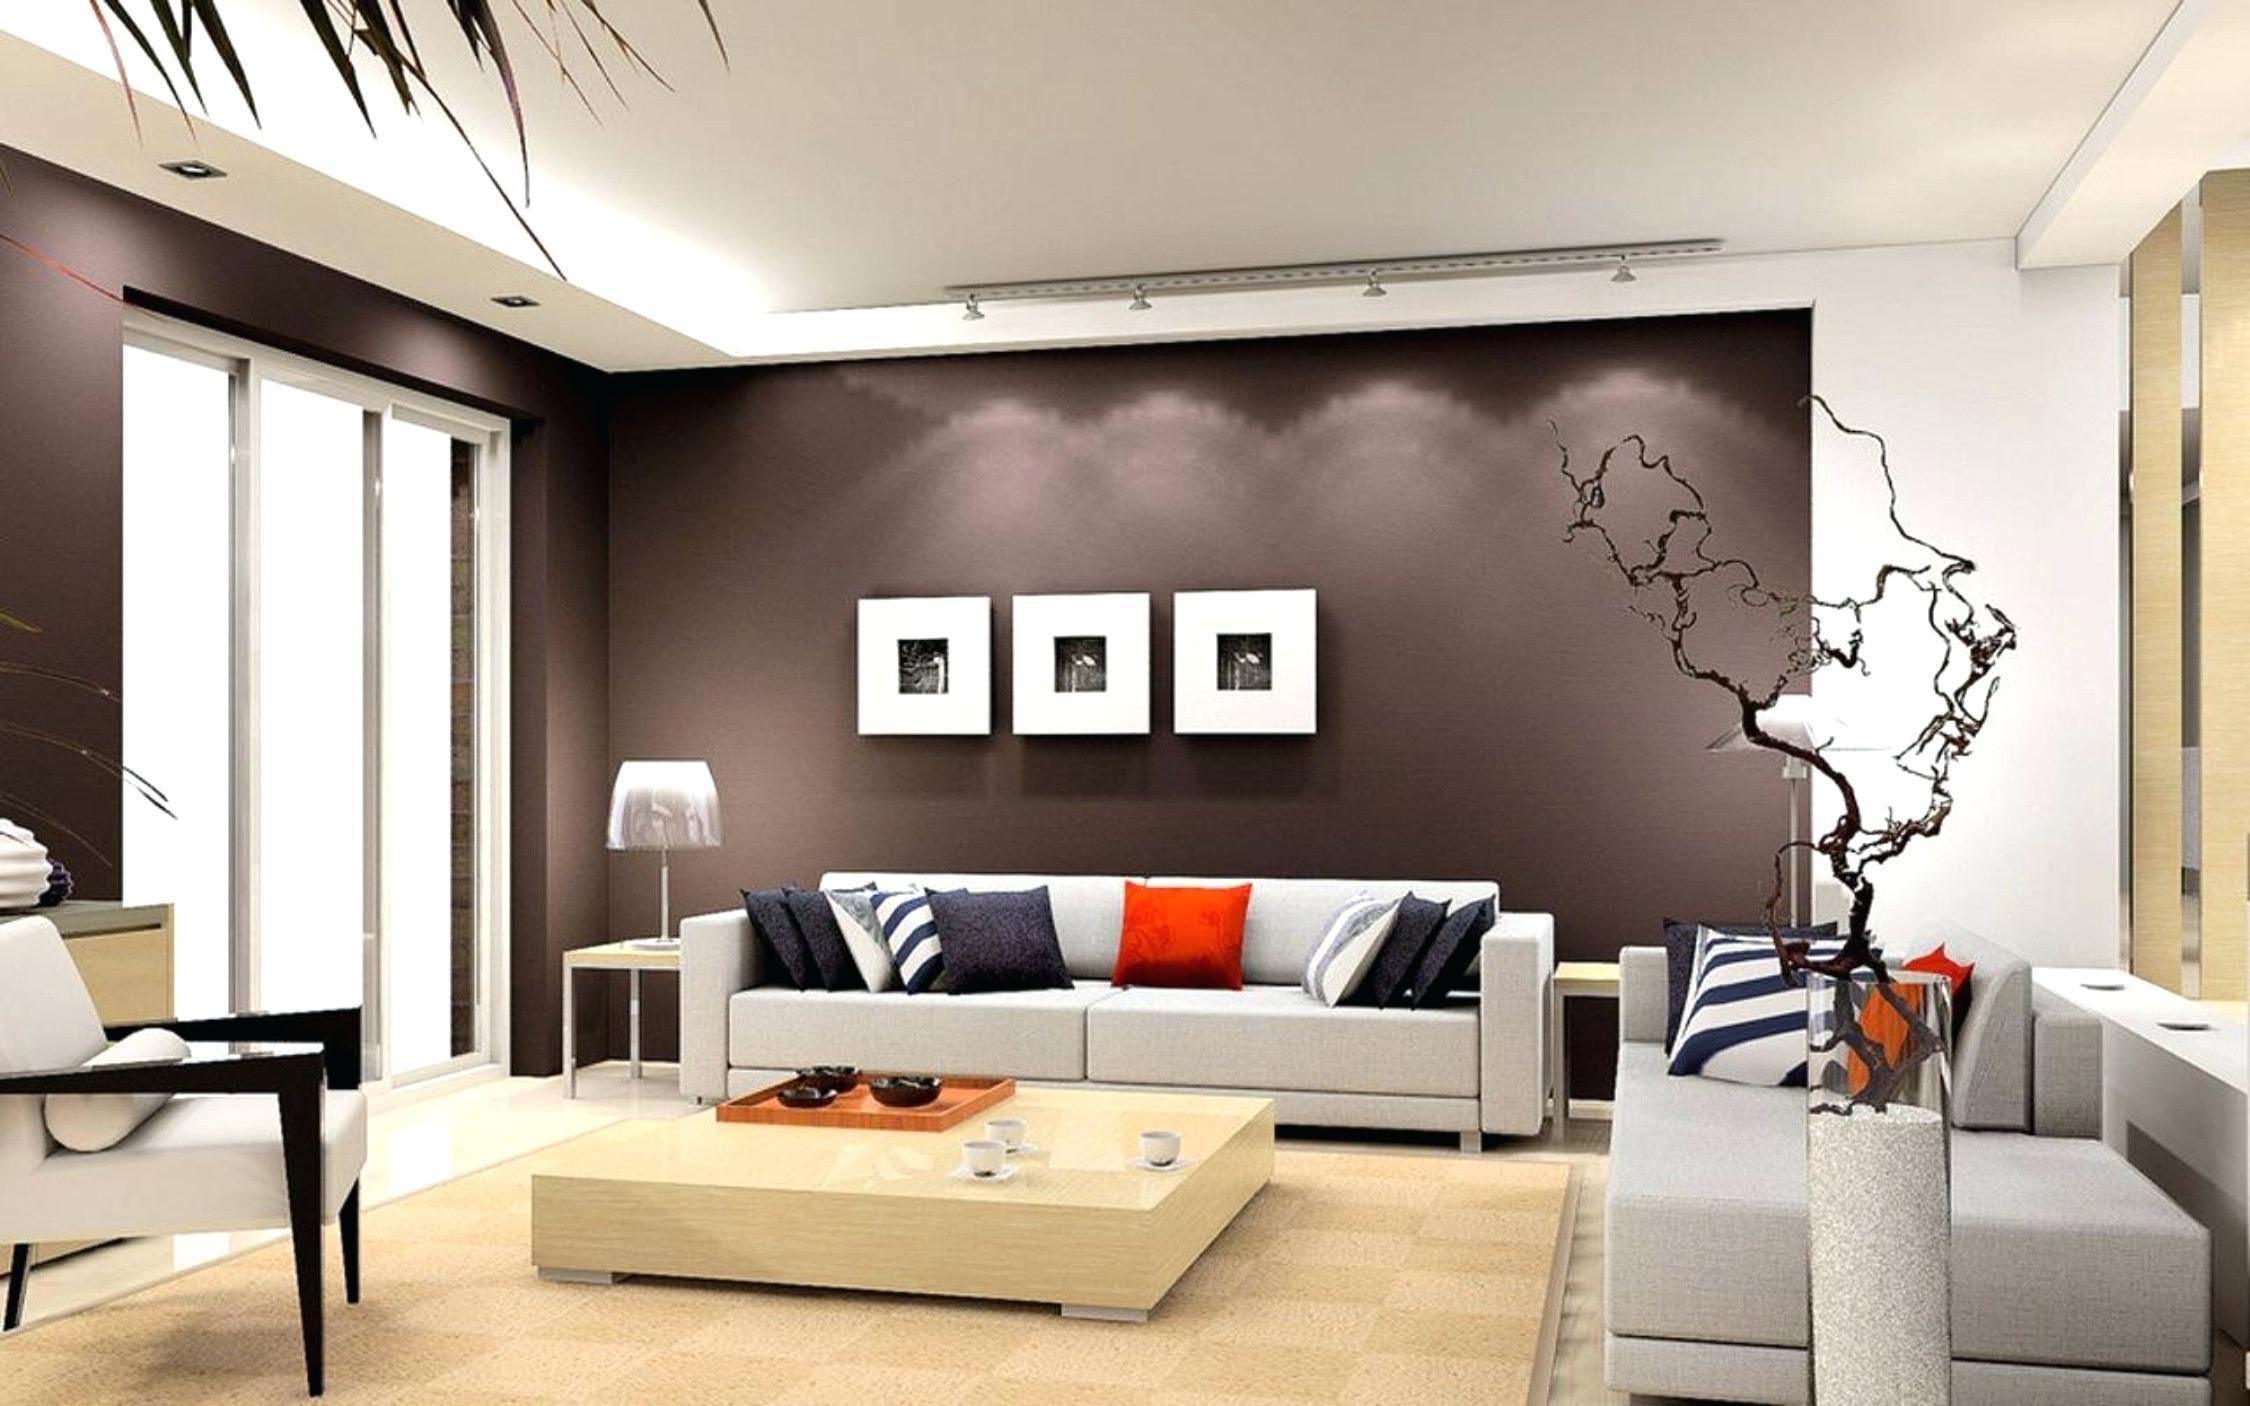 Coffee Wall Decor Kitchen Unique Home Ideas Light Kitchen Decor Winsome Kitchen Light Cover Living Room Grey Brown Living Room Grey Walls Living Room